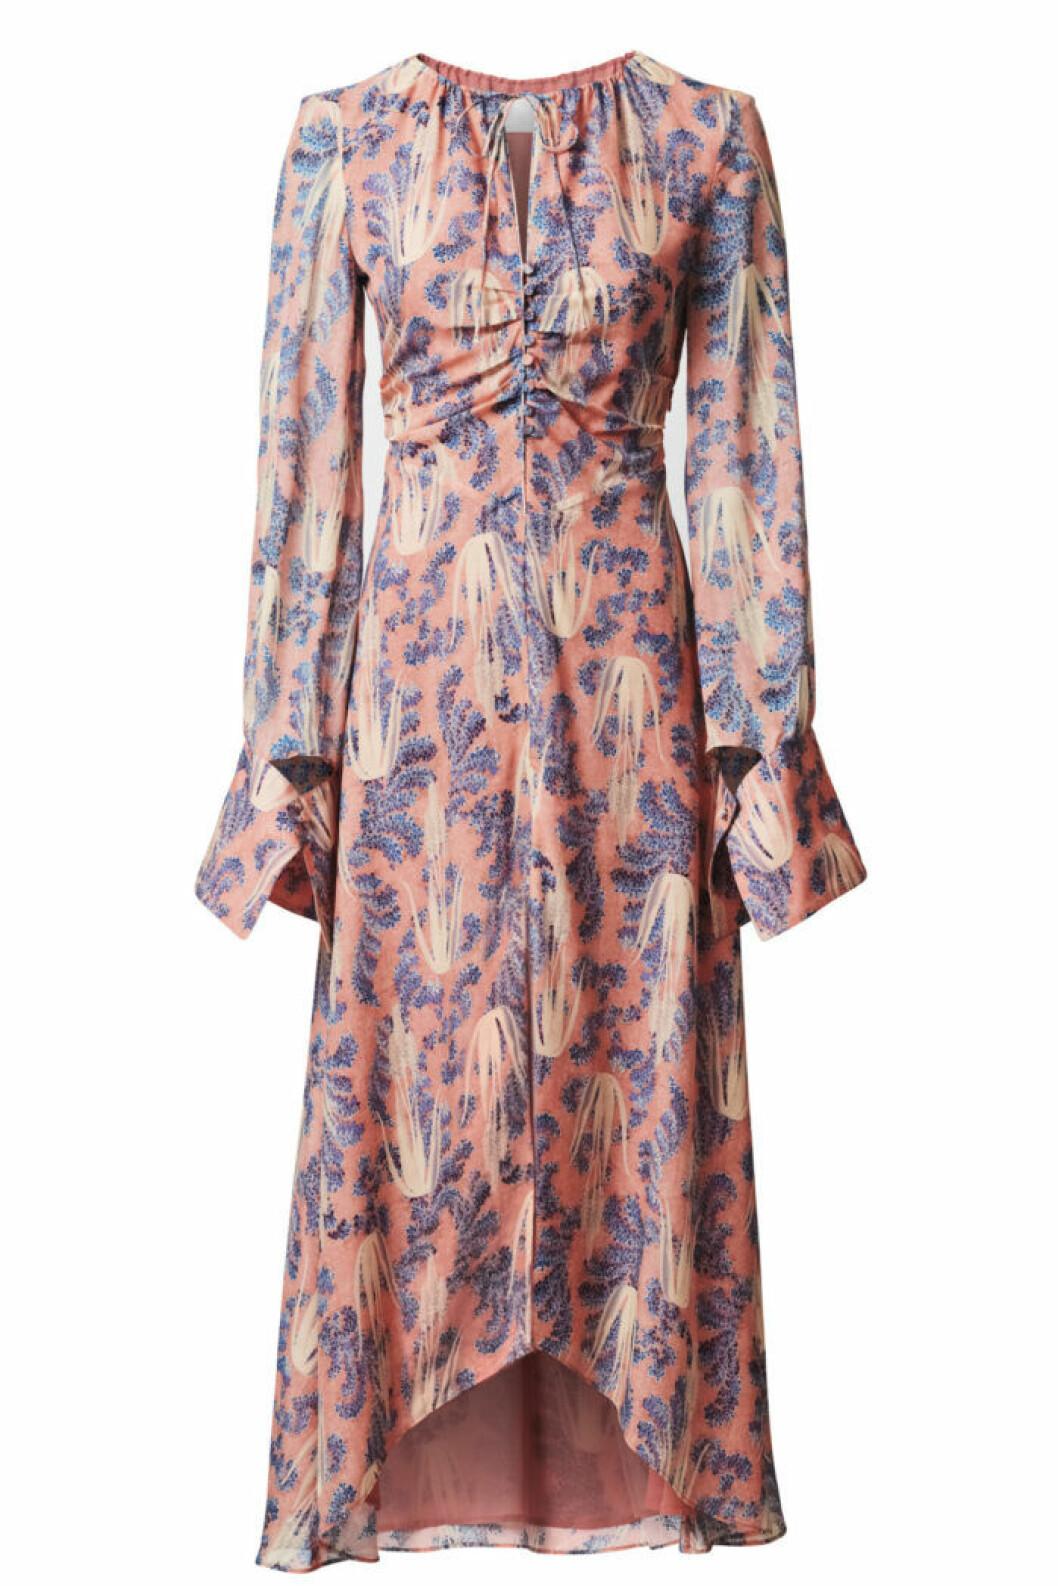 H&M Conscious Exclusive 2019 korallfärgad klänning